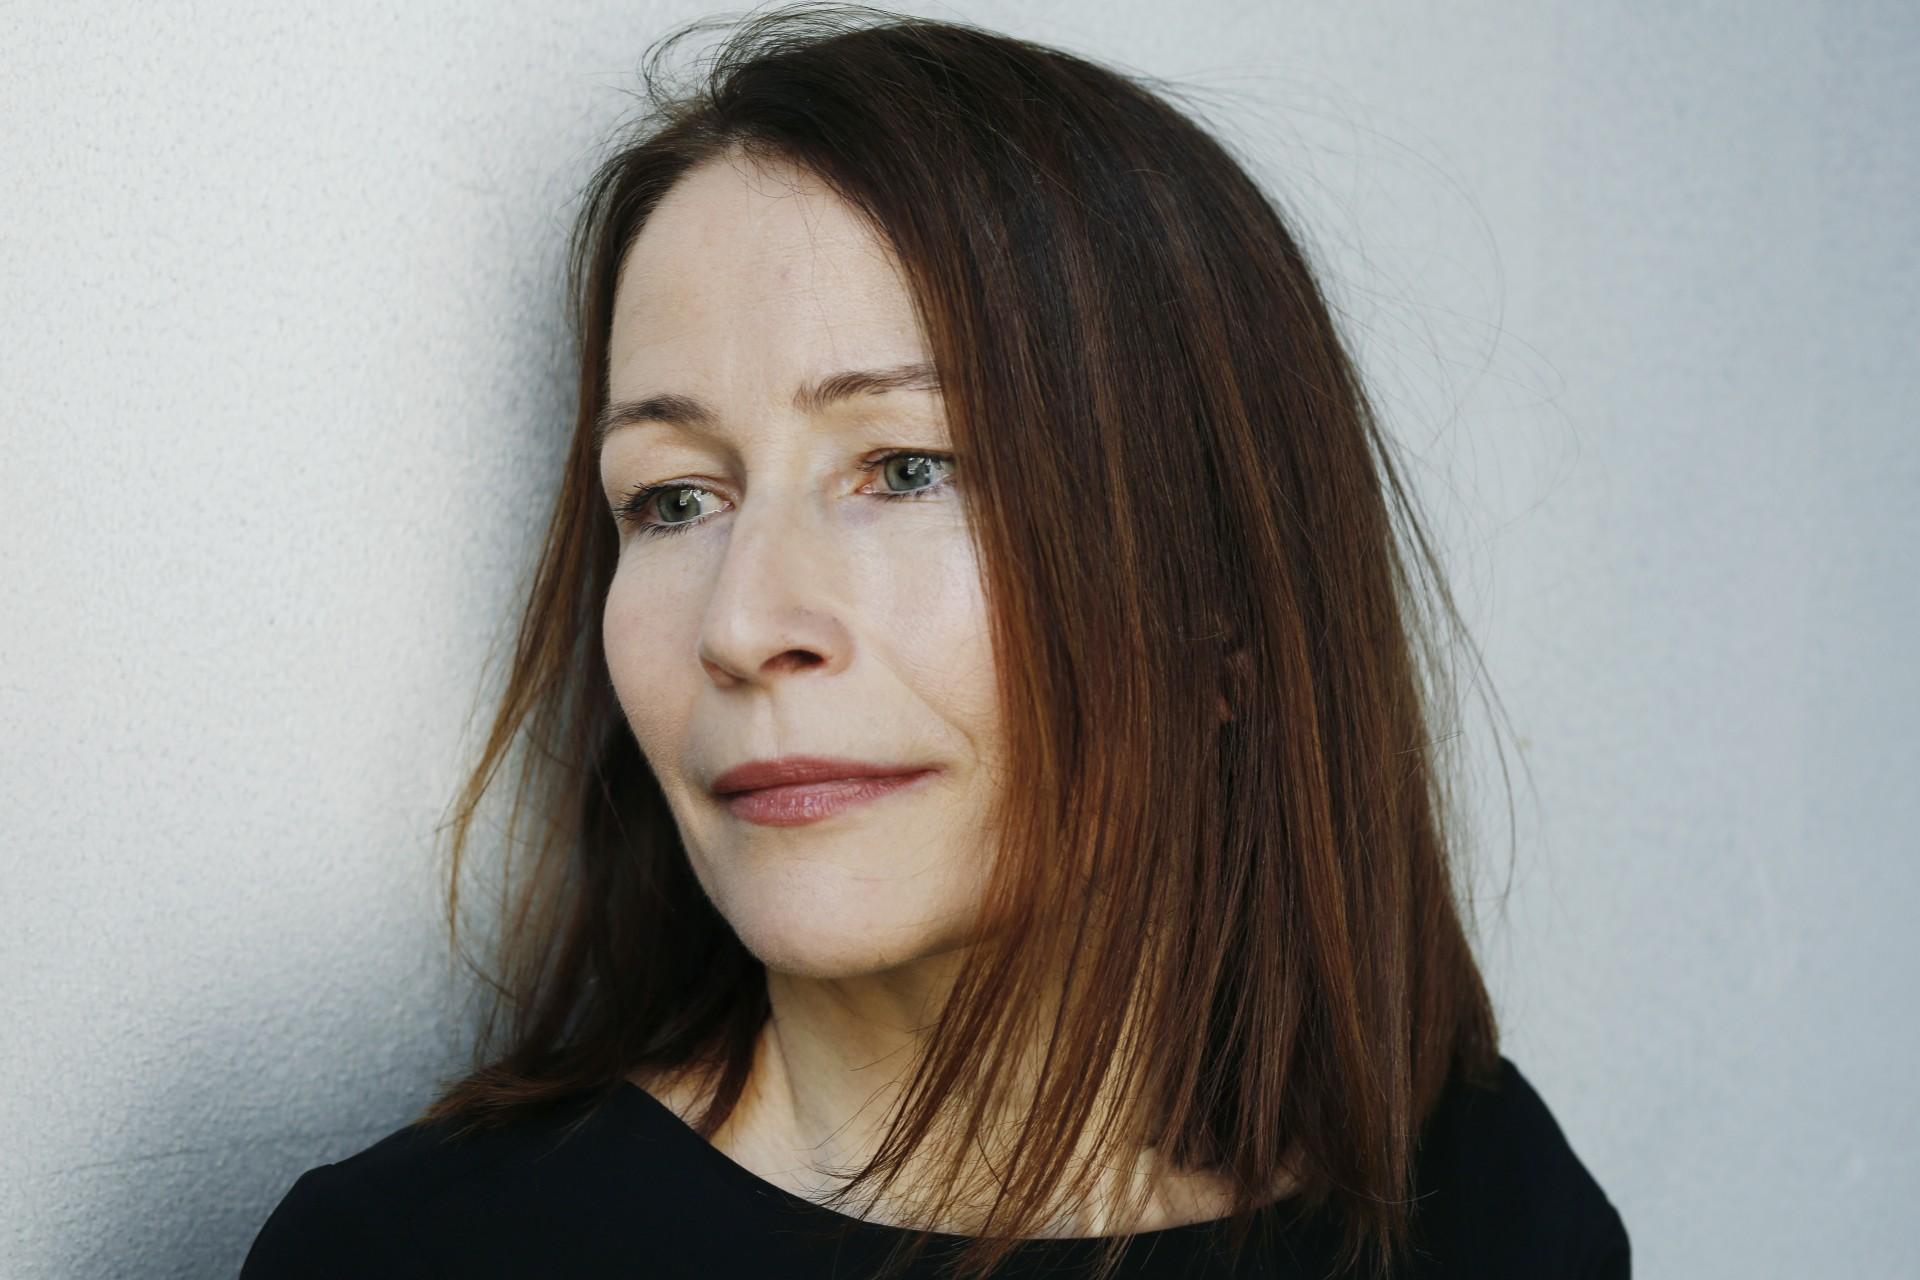 Susanne Abbuehl, photograph by Mario del Curto, 2016